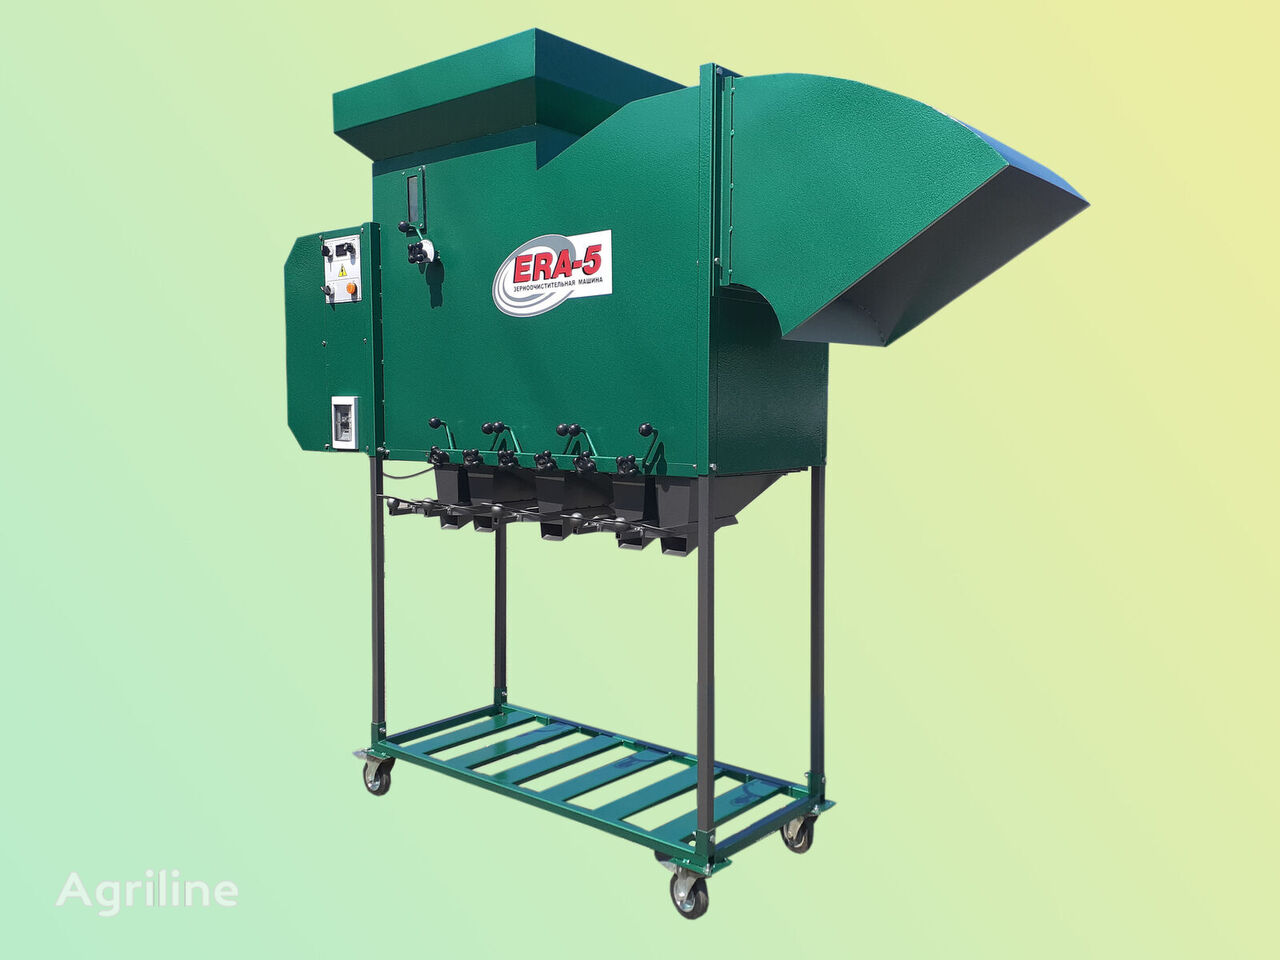 جديد وحدة تنظيف الحبوب ERA-5 Separator dlya ochistki zerna